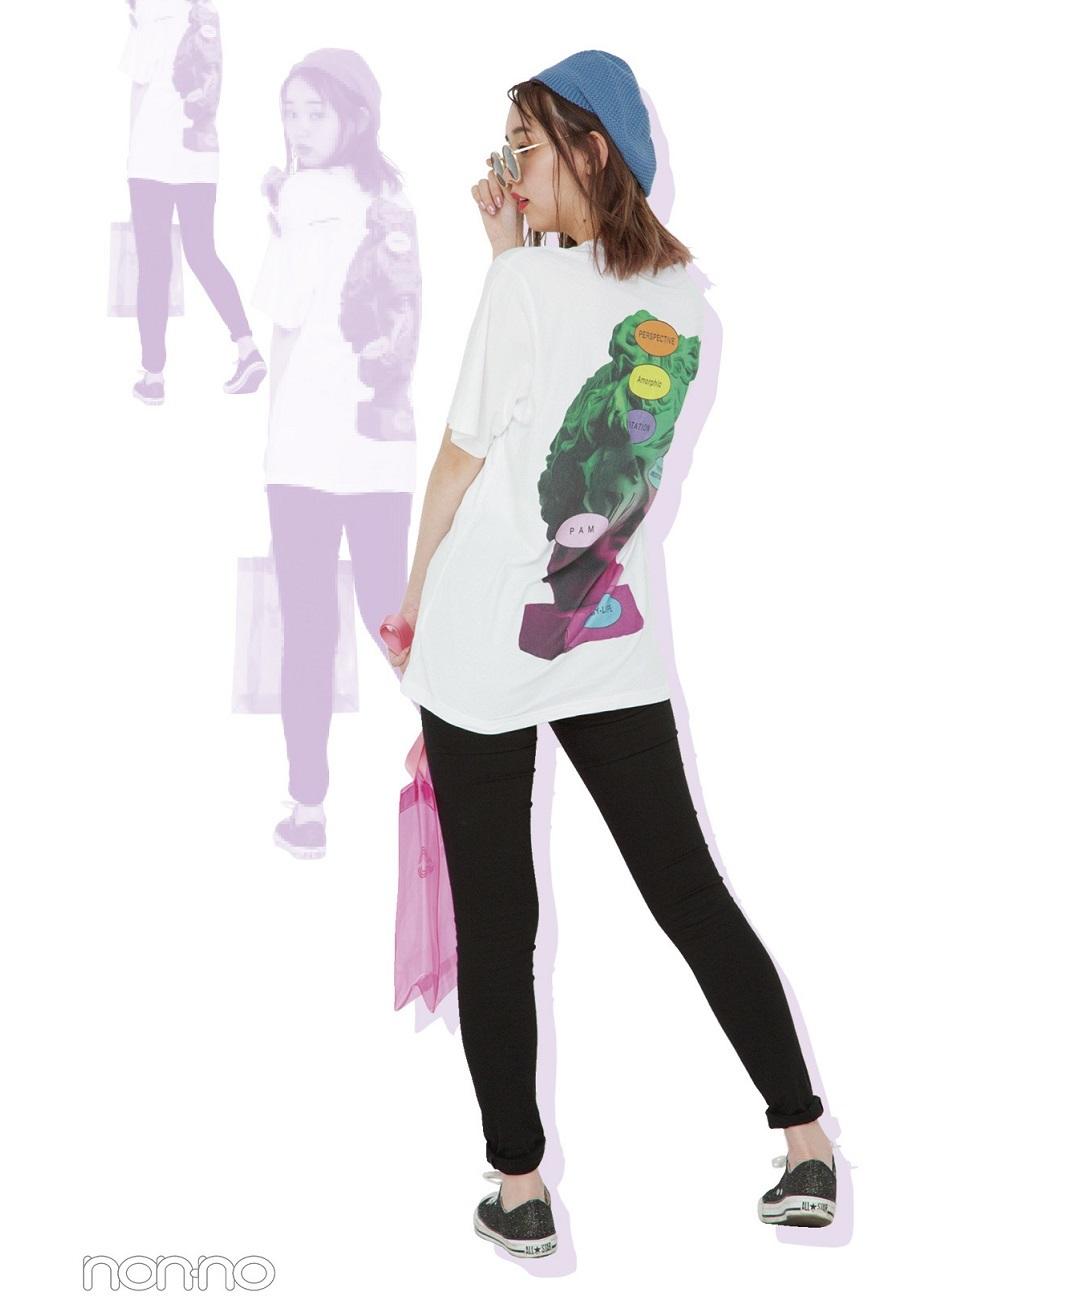 【夏のTシャツコーデ】メンズミックスはメリハリを大事に!江野沢愛美の韓国ファッションコーデ